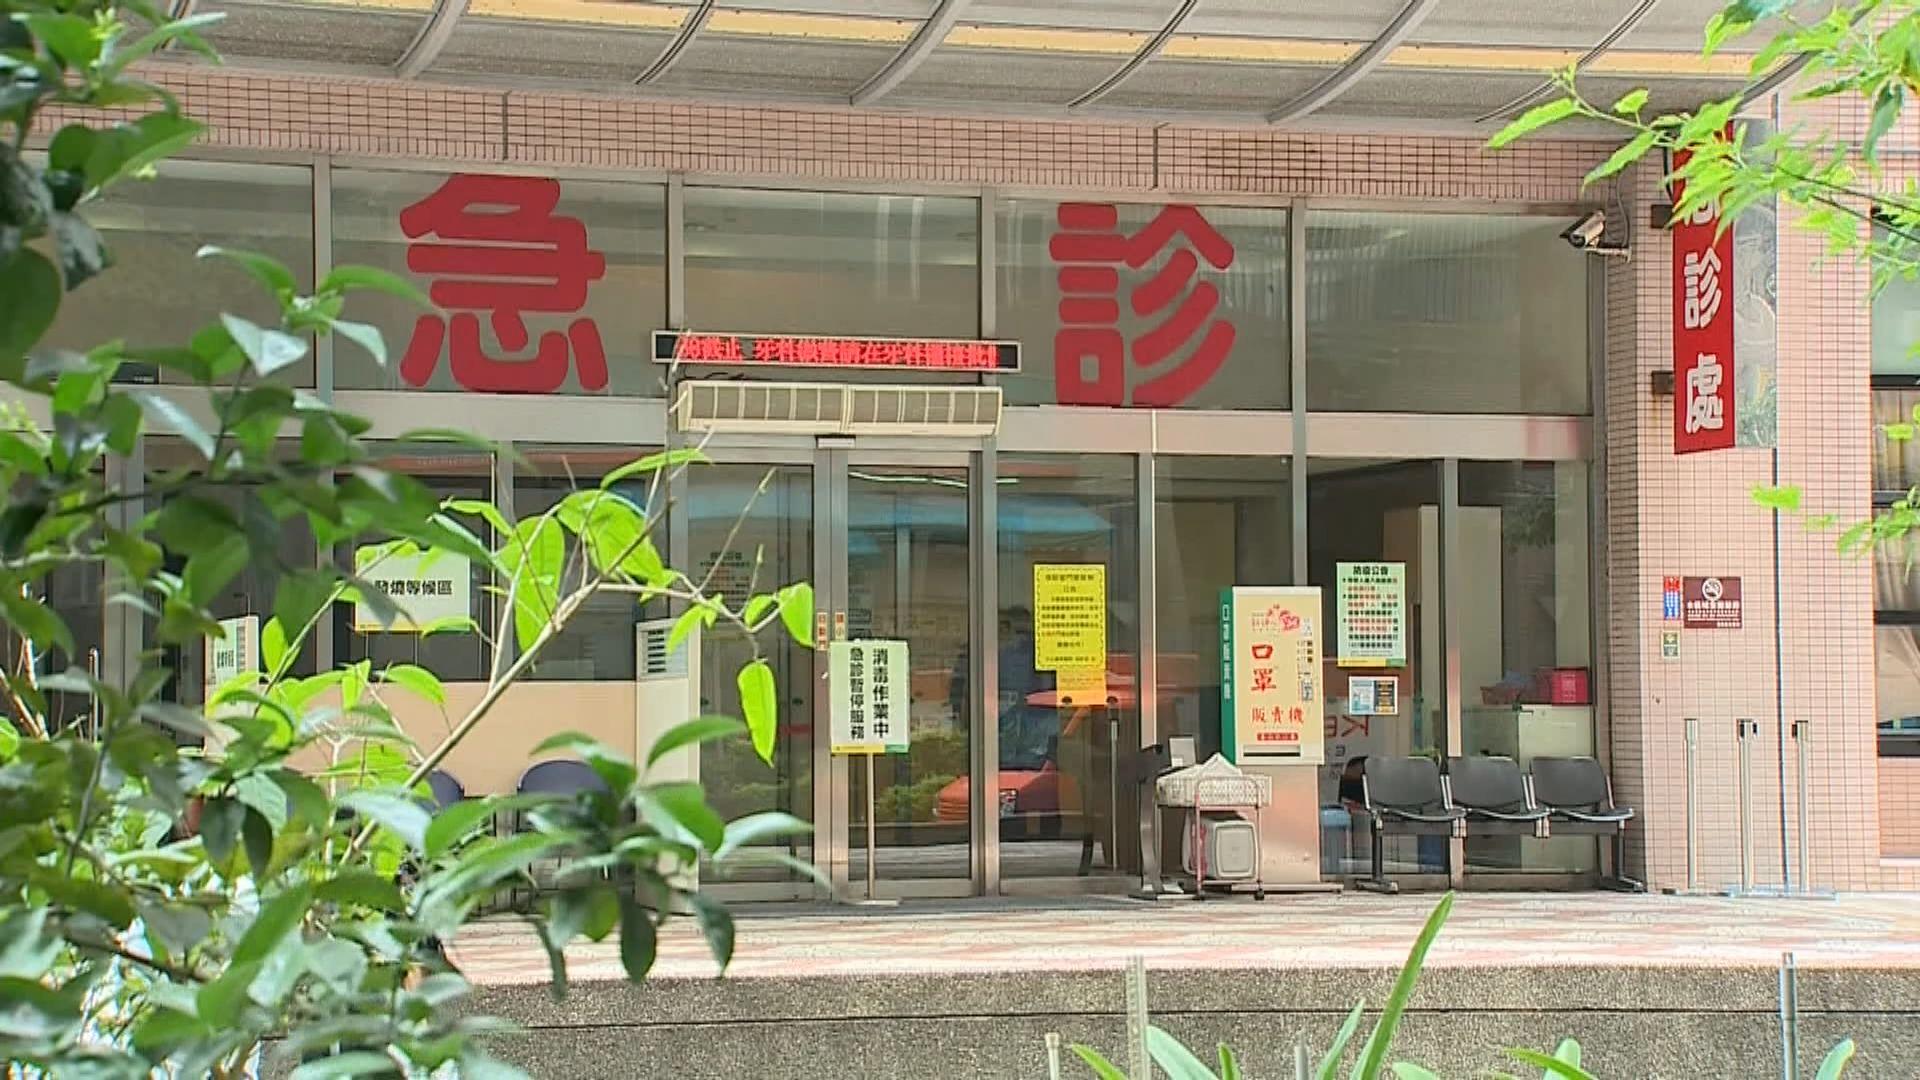 台灣多間醫院現新冠確診個案 三間爆院内感染